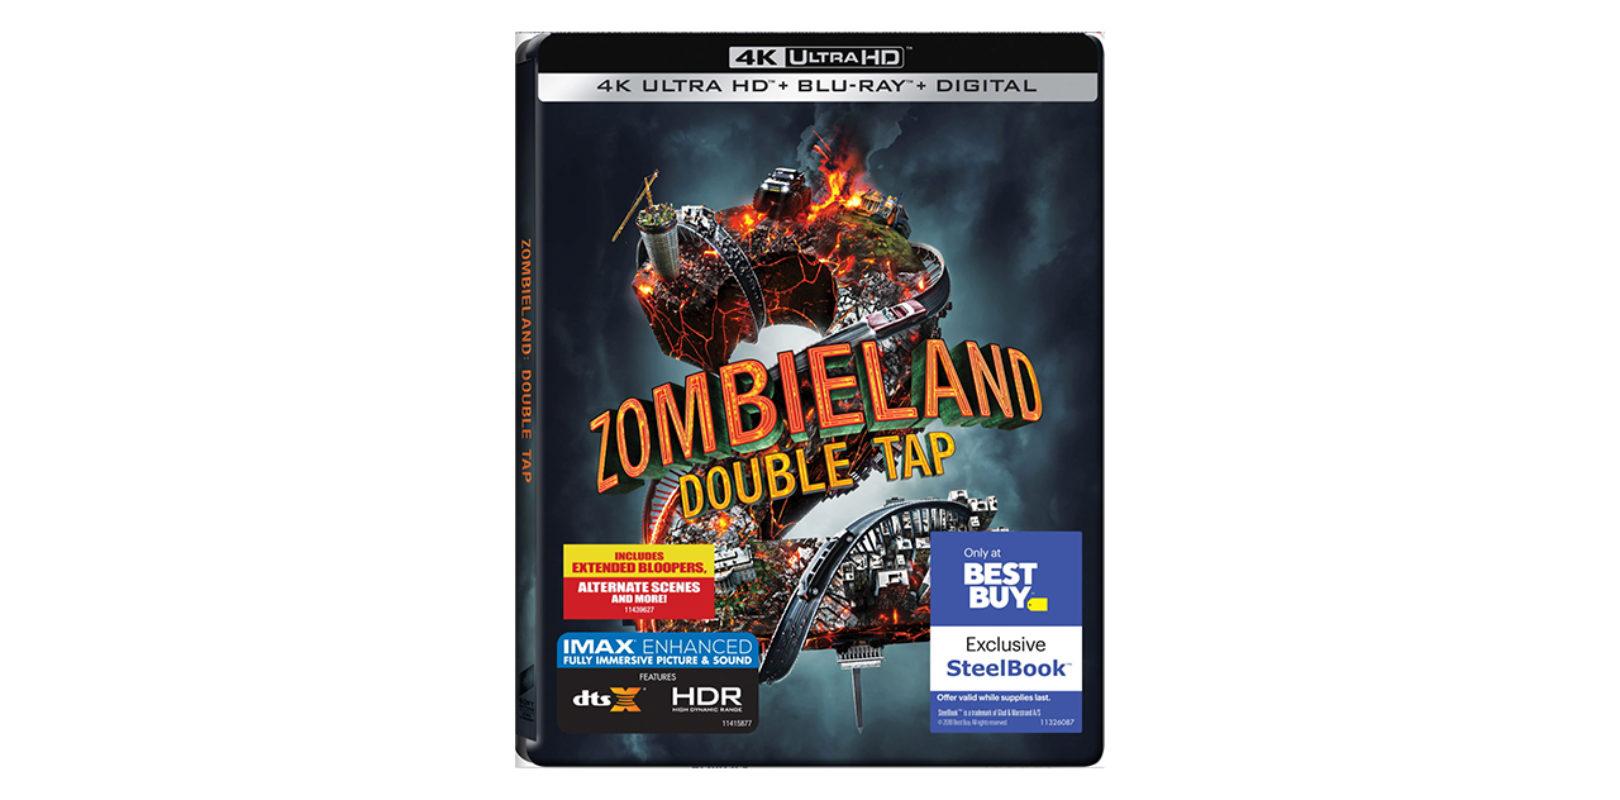 Zombieland 2 Spezielle Imax Enhanced Version Der 4k Blu